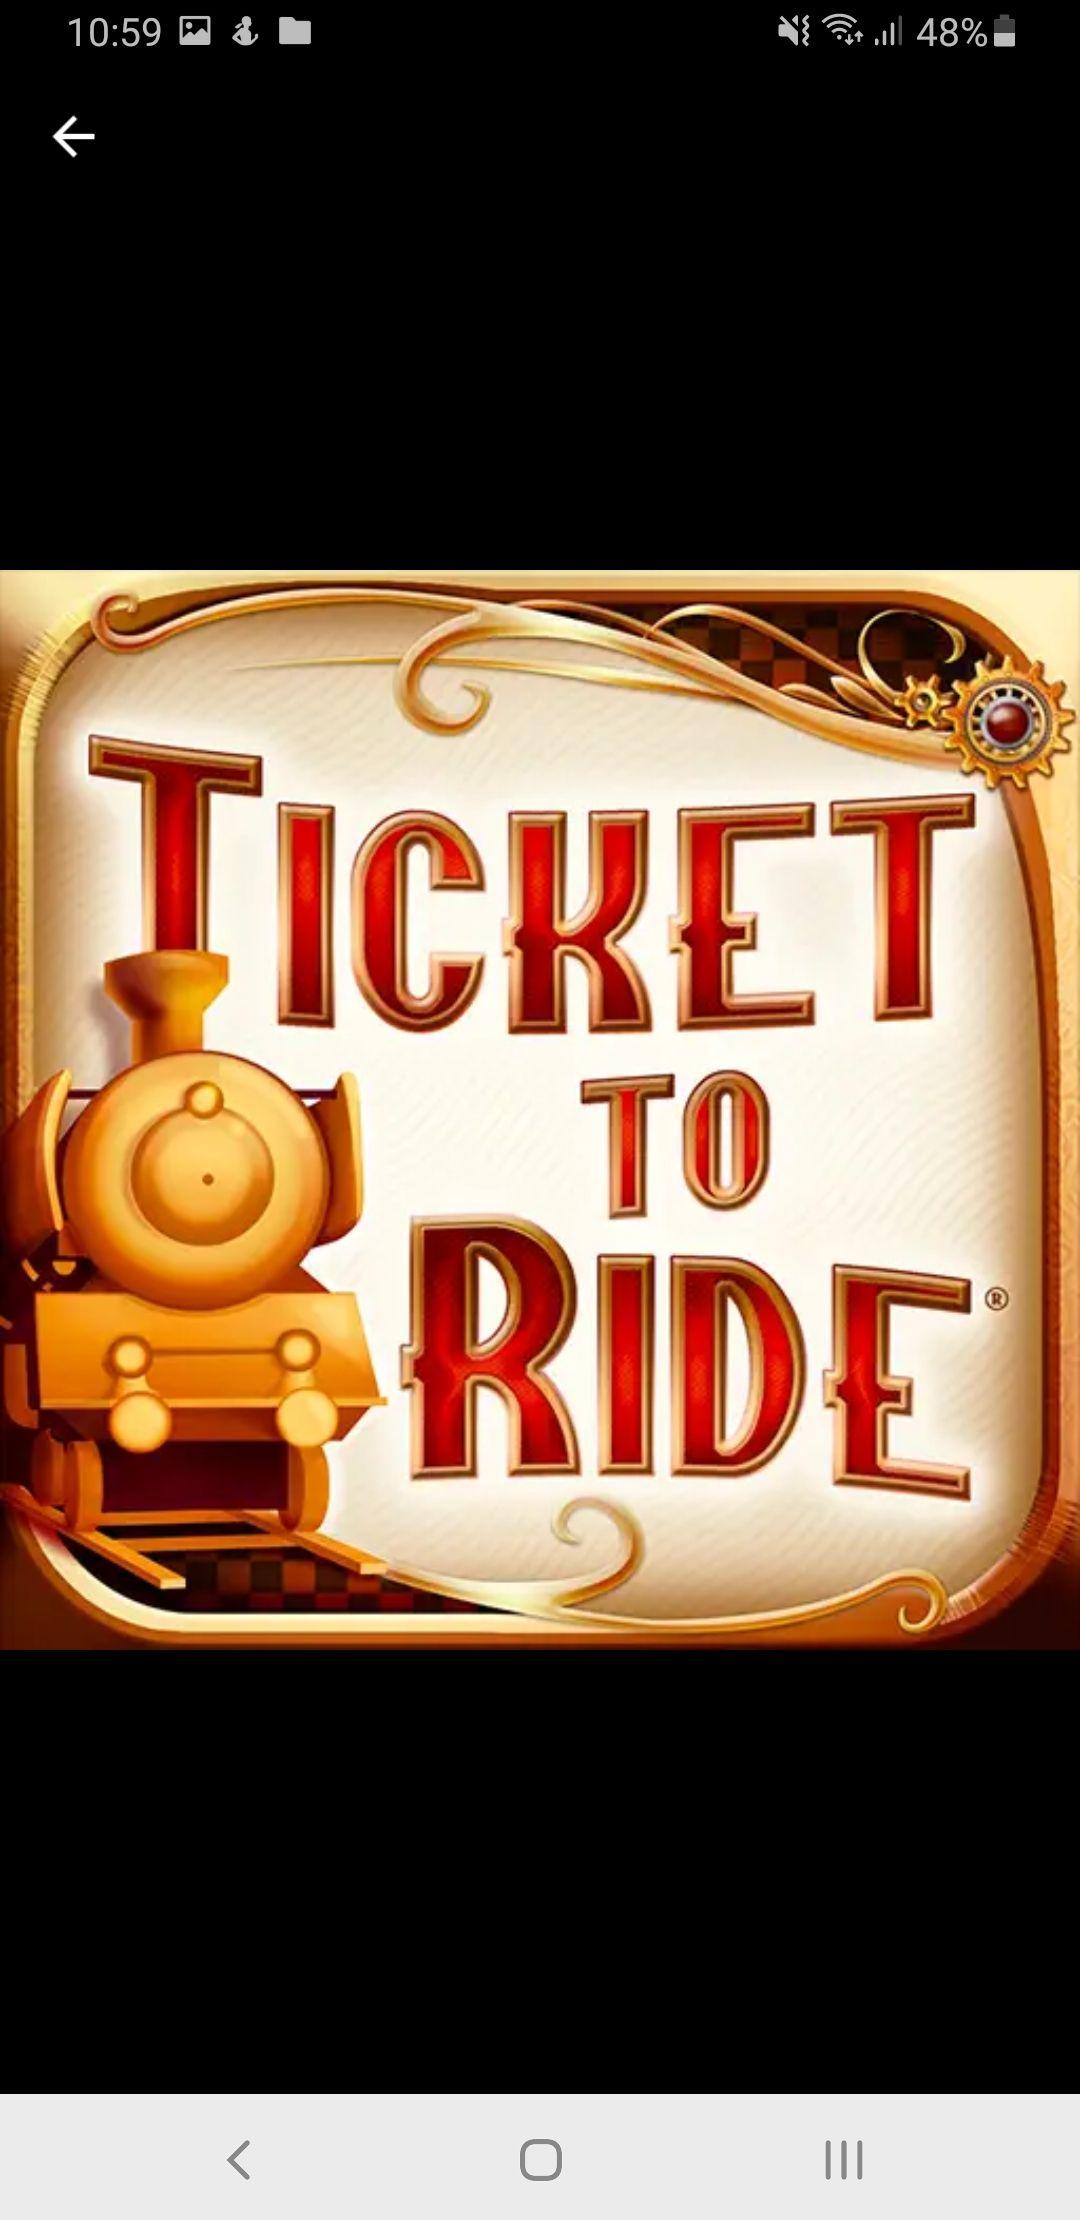 Ticket to ride app in de google playstore